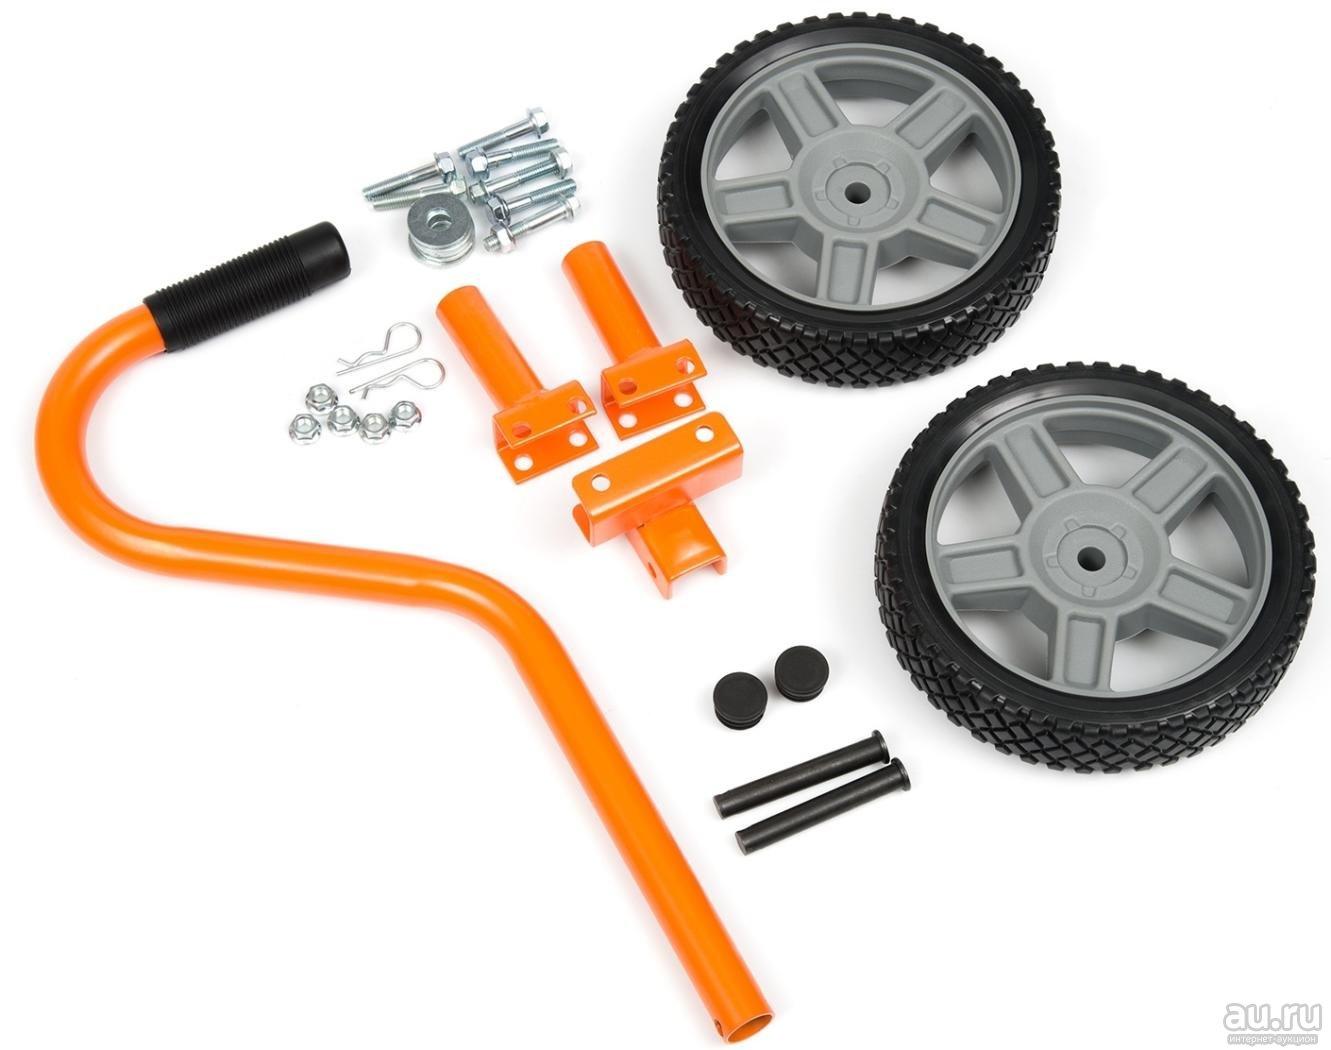 Комплект колес для генераторов ECT 7000 в Белая Холуницае